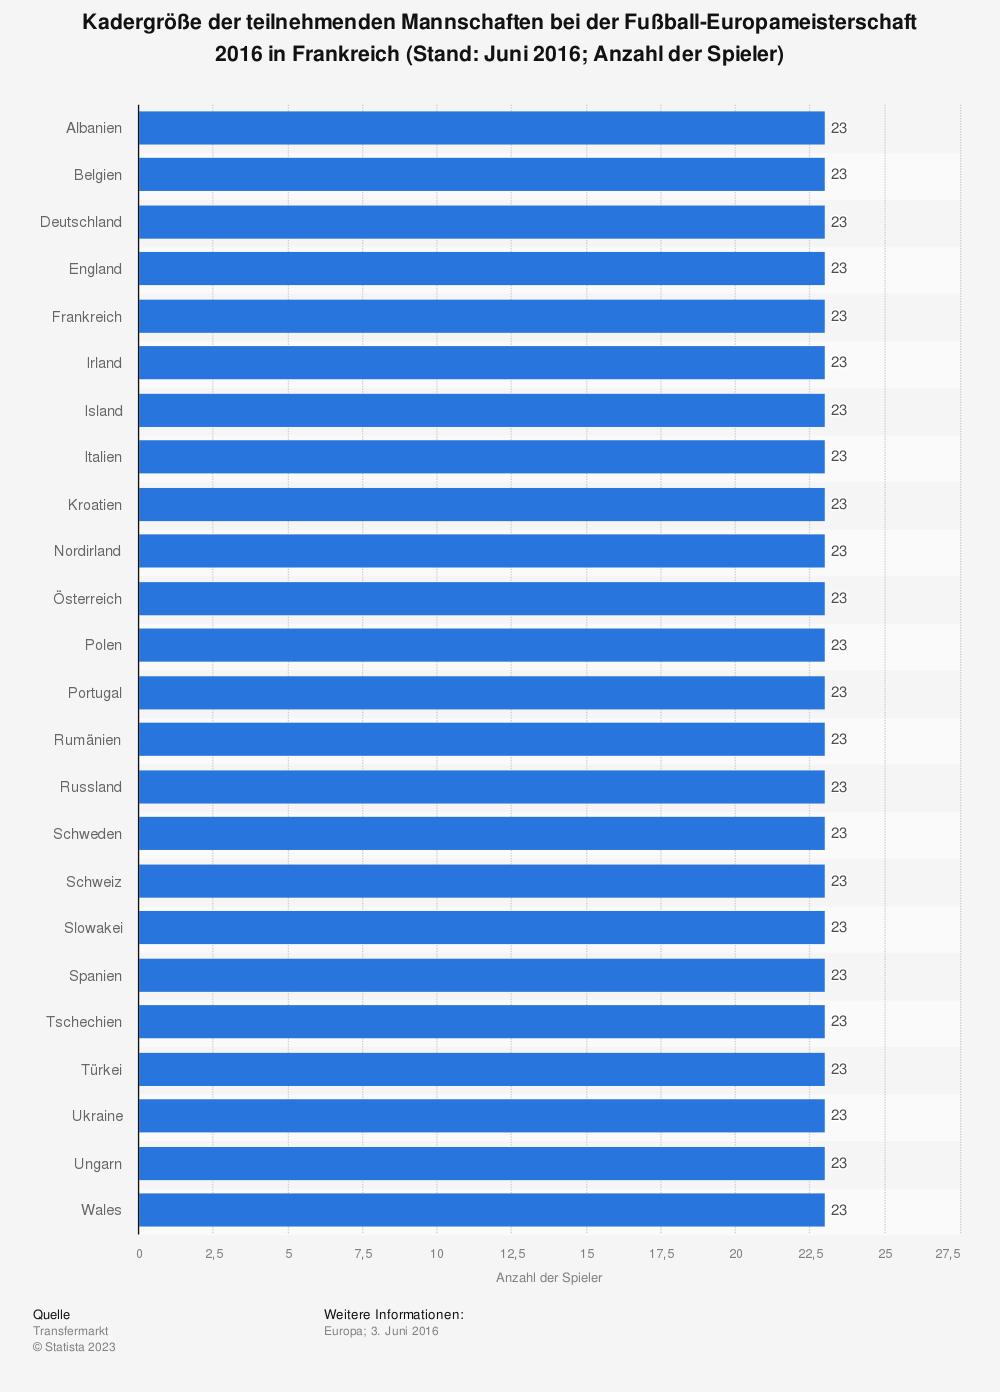 Statistik: Kadergröße der teilnehmenden Mannschaften bei der Fußball-Europameisterschaft 2016 in Frankreich (Stand: Juni 2016&#x3B; Anzahl der Spieler) | Statista